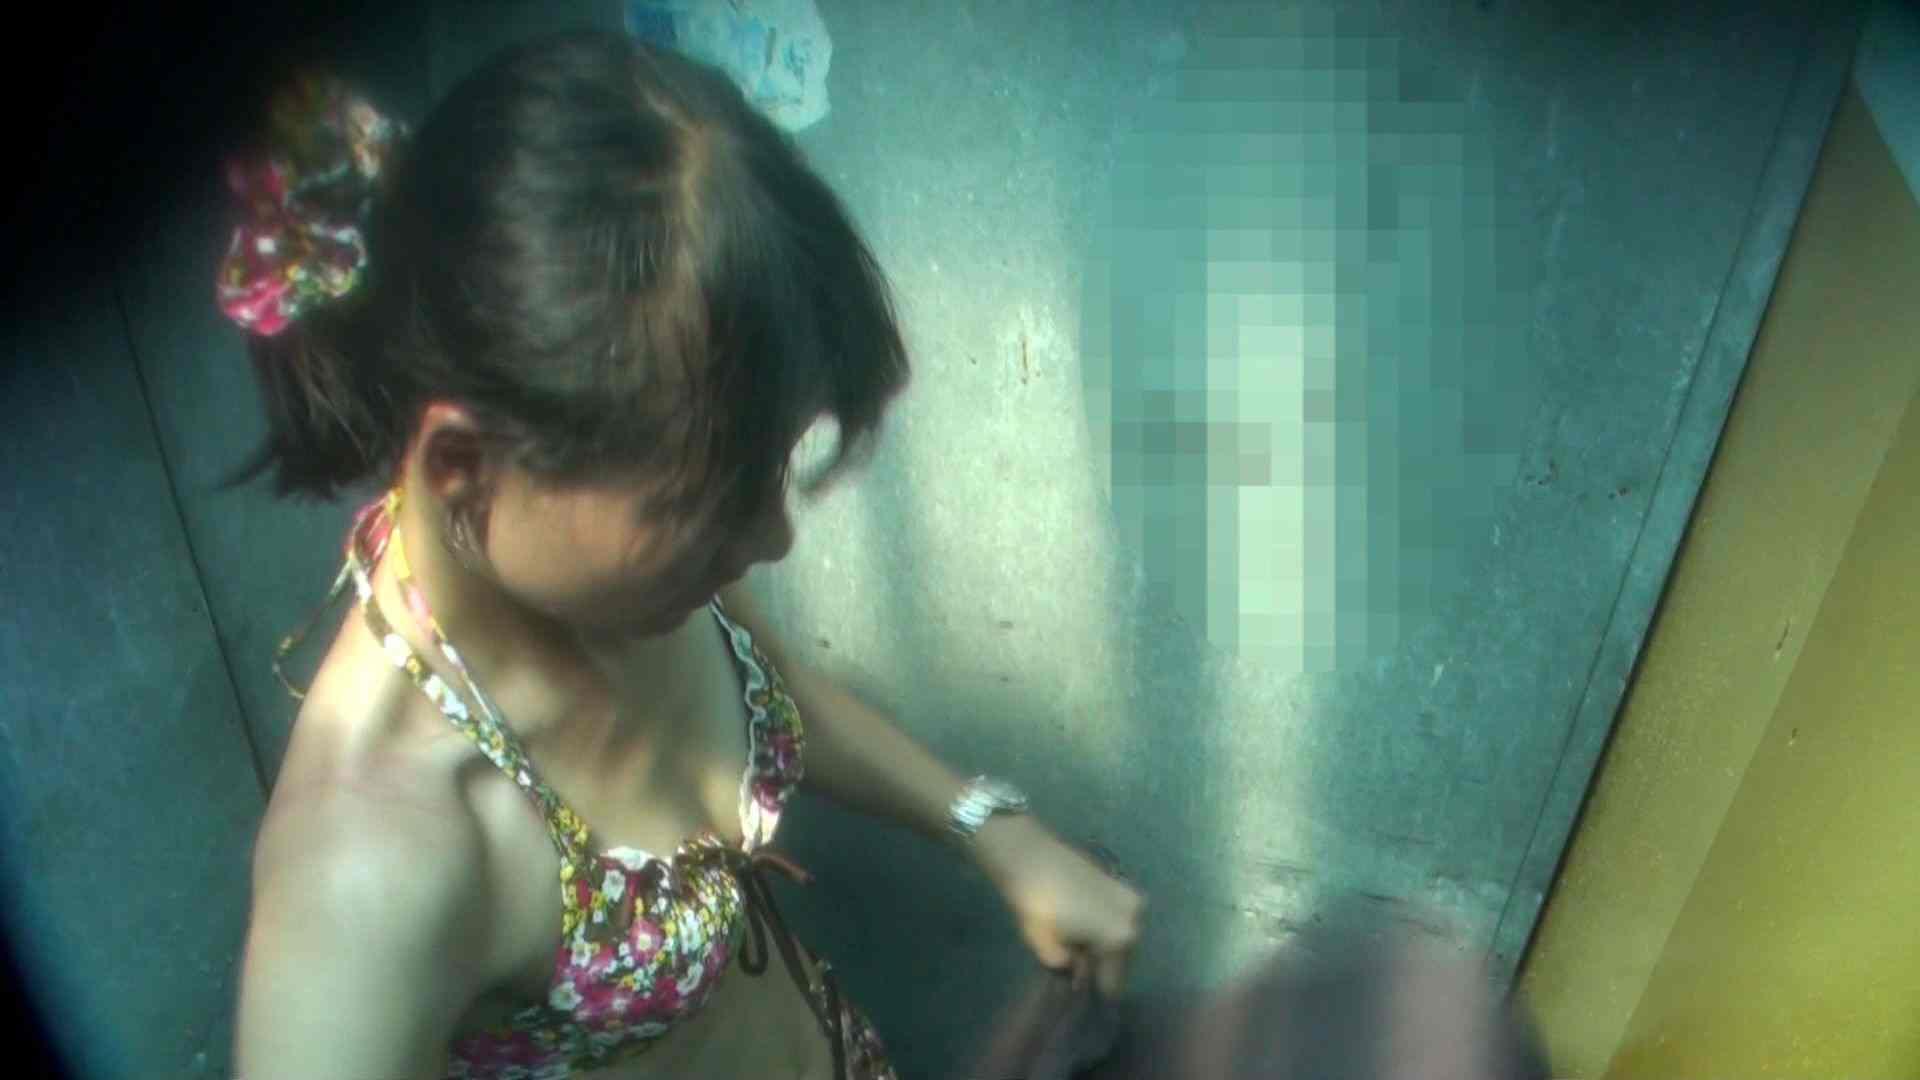 シャワールームは超!!危険な香りVol.16 意外に乳首は年増のそれ 高画質 のぞき濡れ場動画紹介 61pic 51